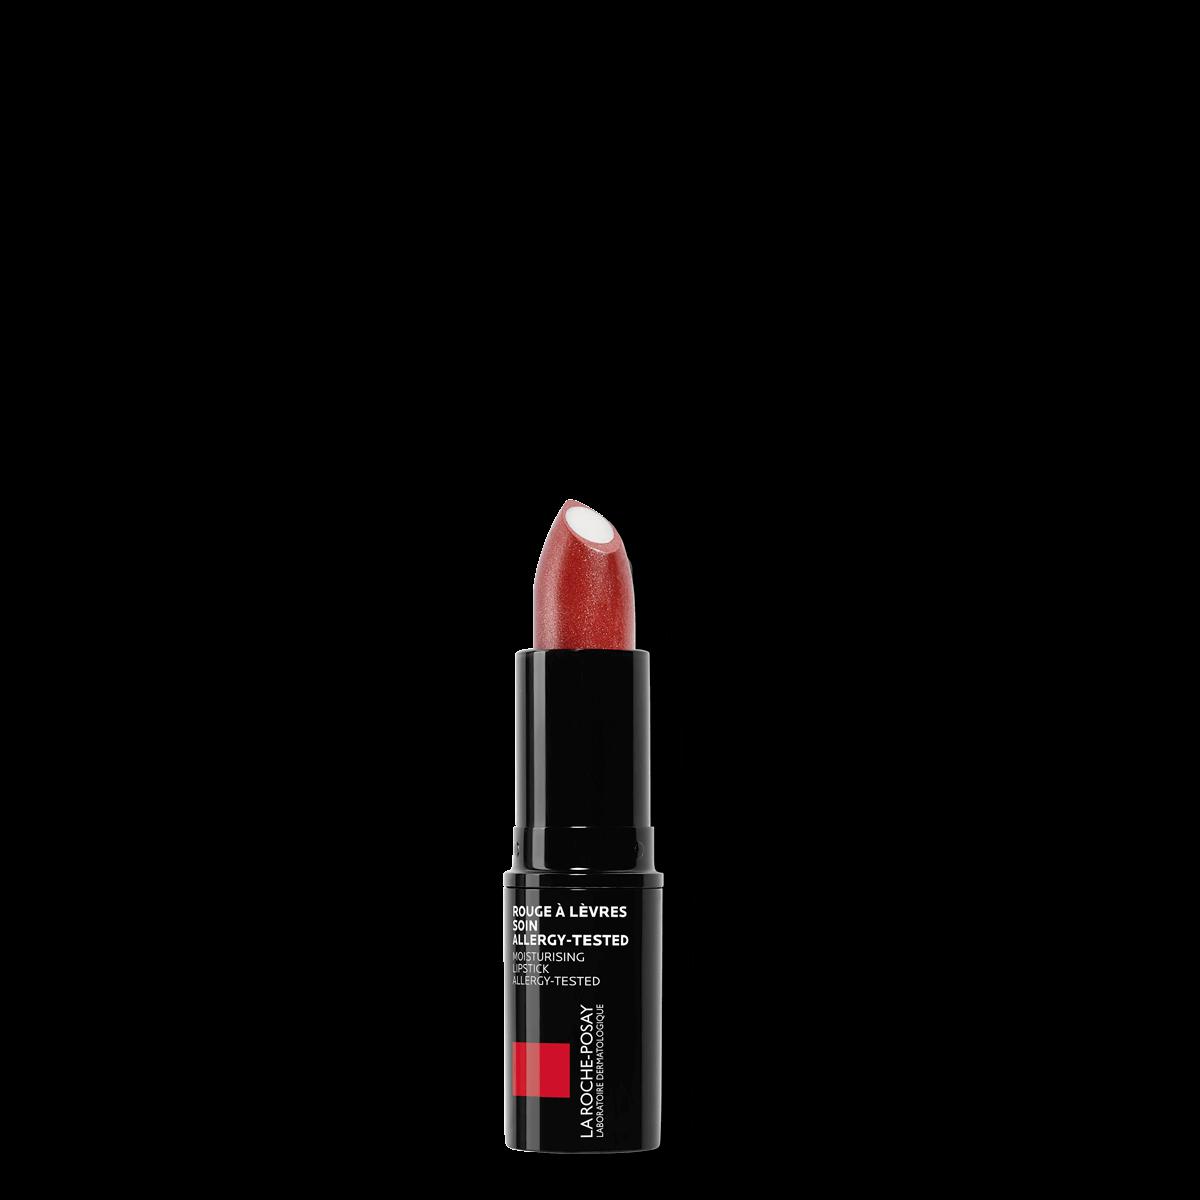 La Roche Posay Känslig Toleriane Make up NOVALIP 22Cassisfestif 3009